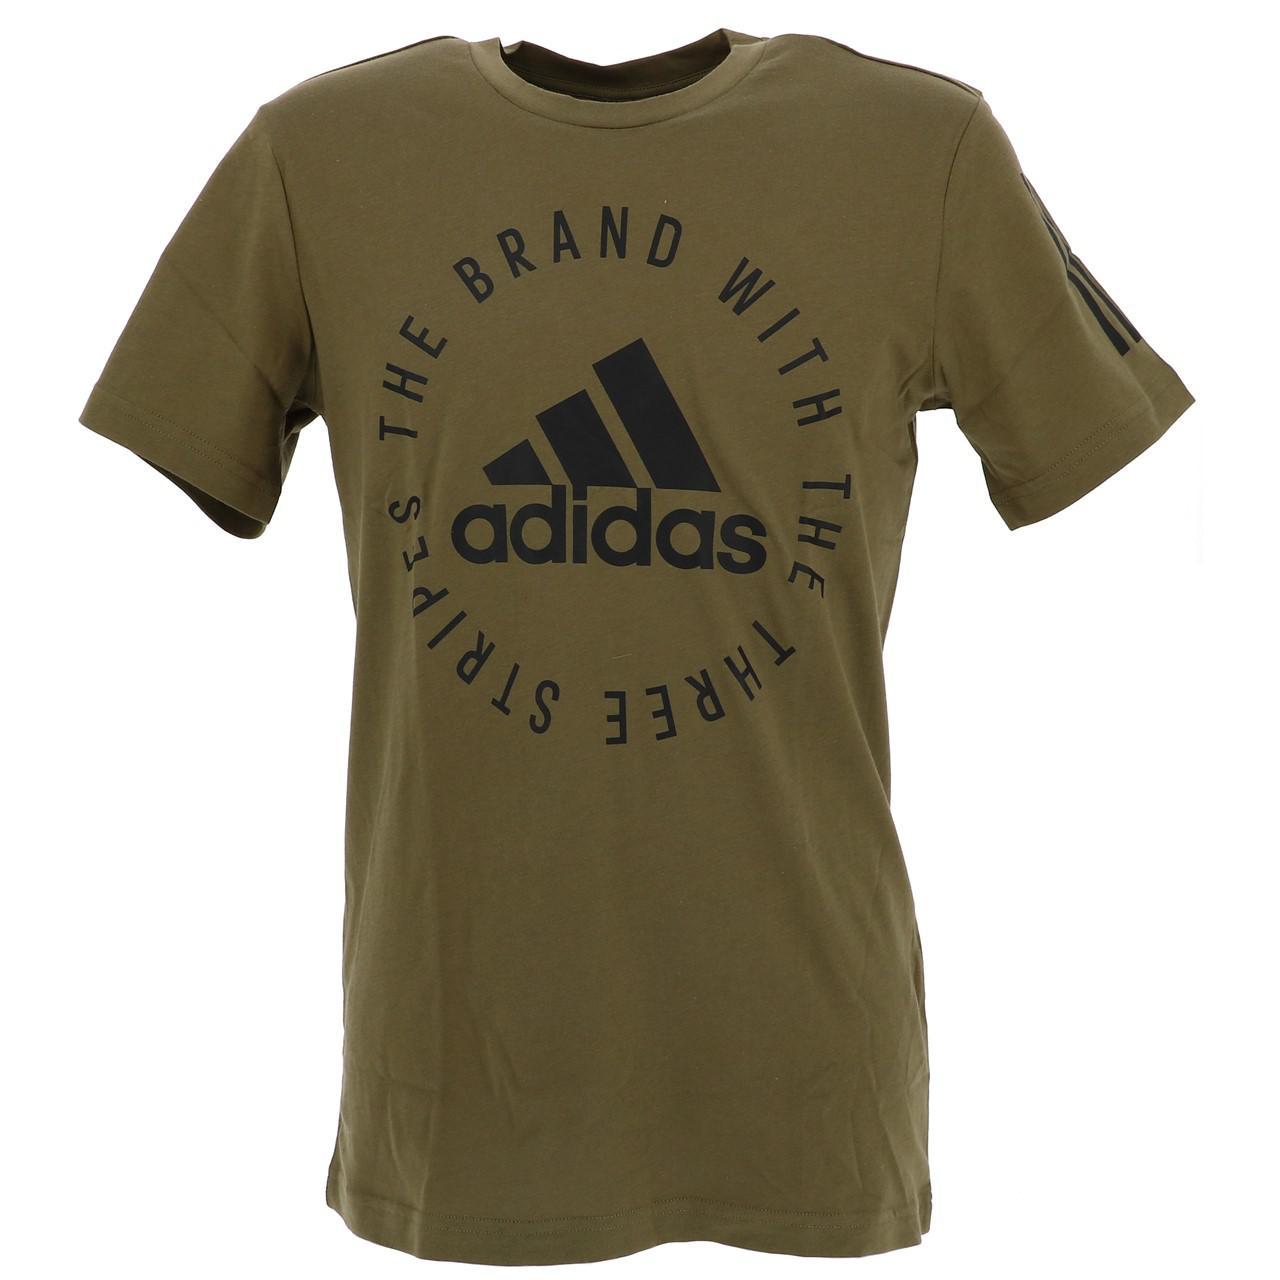 Short-Adidas-Sid-Khaki-Mc-Tee-Green-18234-New